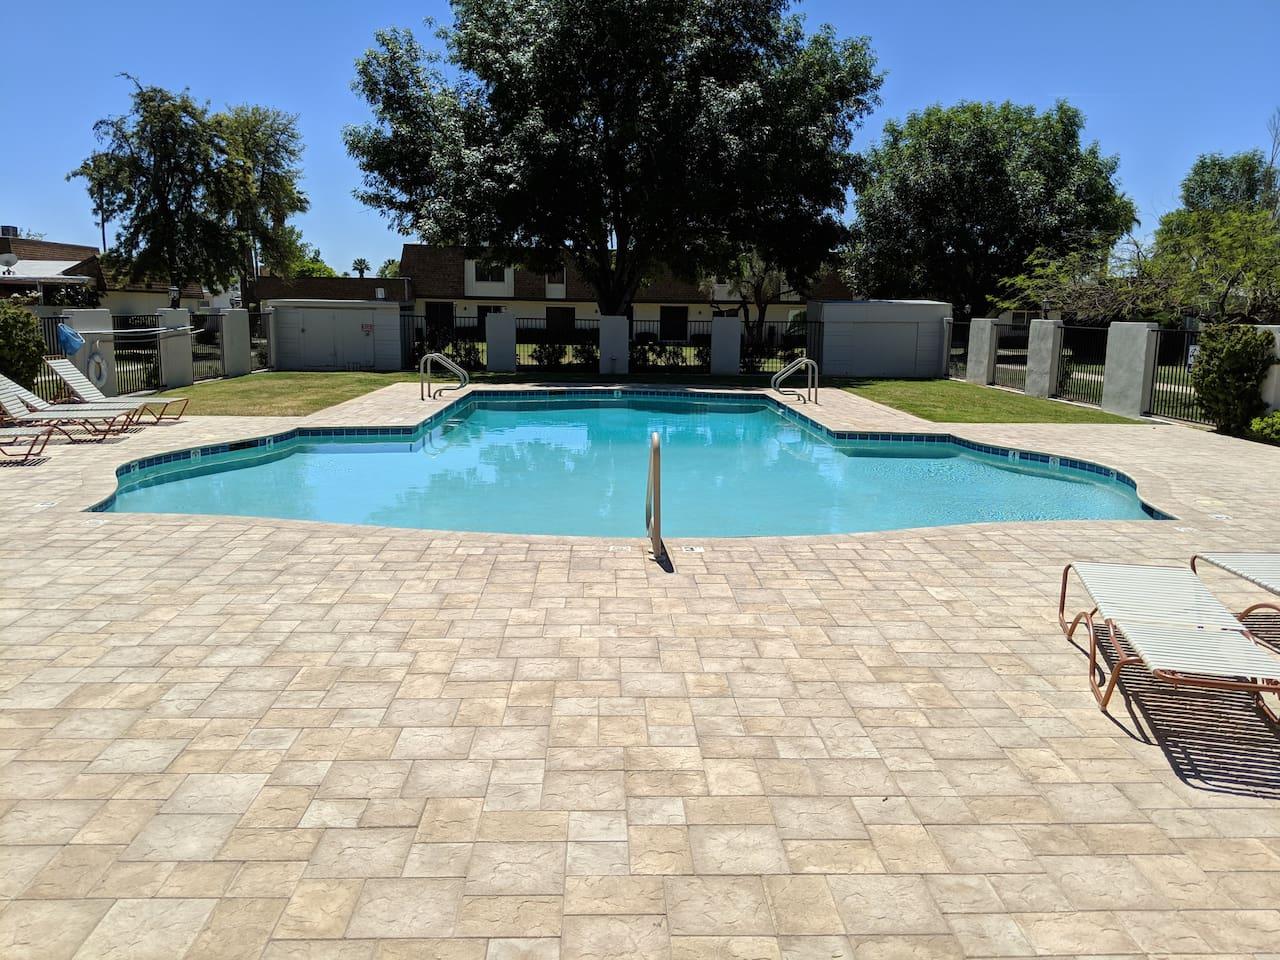 Pool - common area